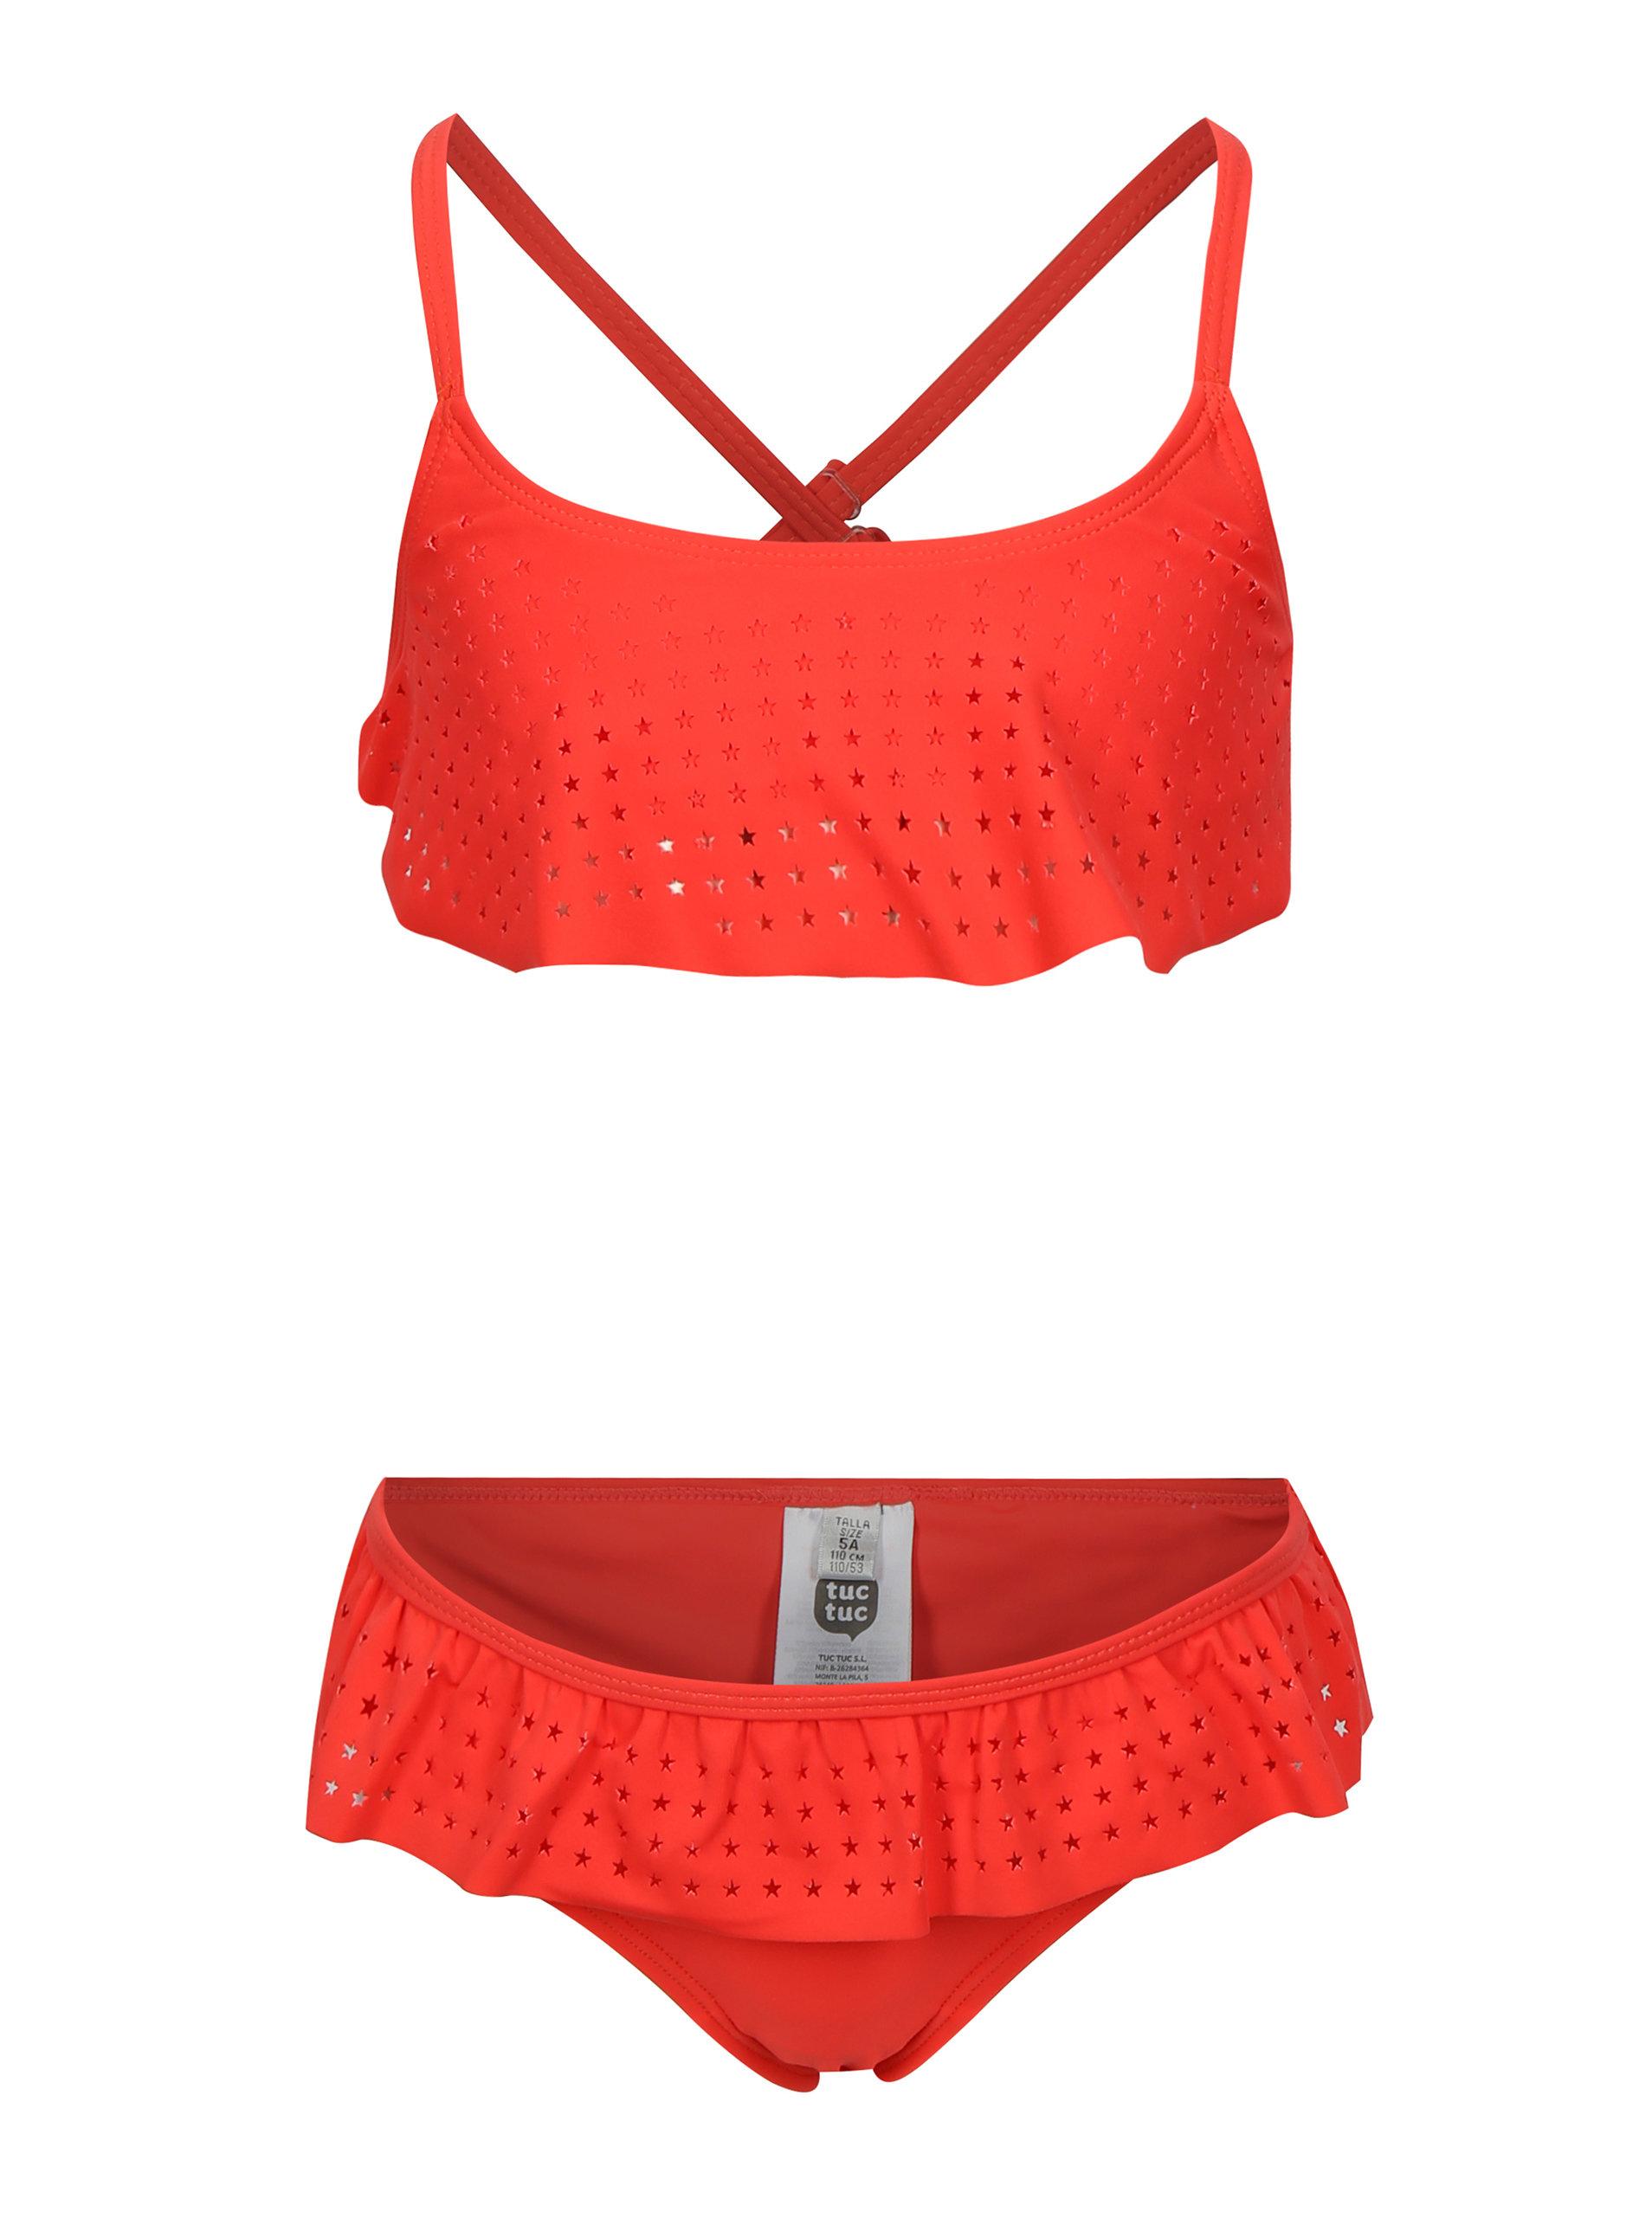 ef8e0ee33c Červené dievčenské dvojdielne plavky s volánmi tuc tuc Stars ...